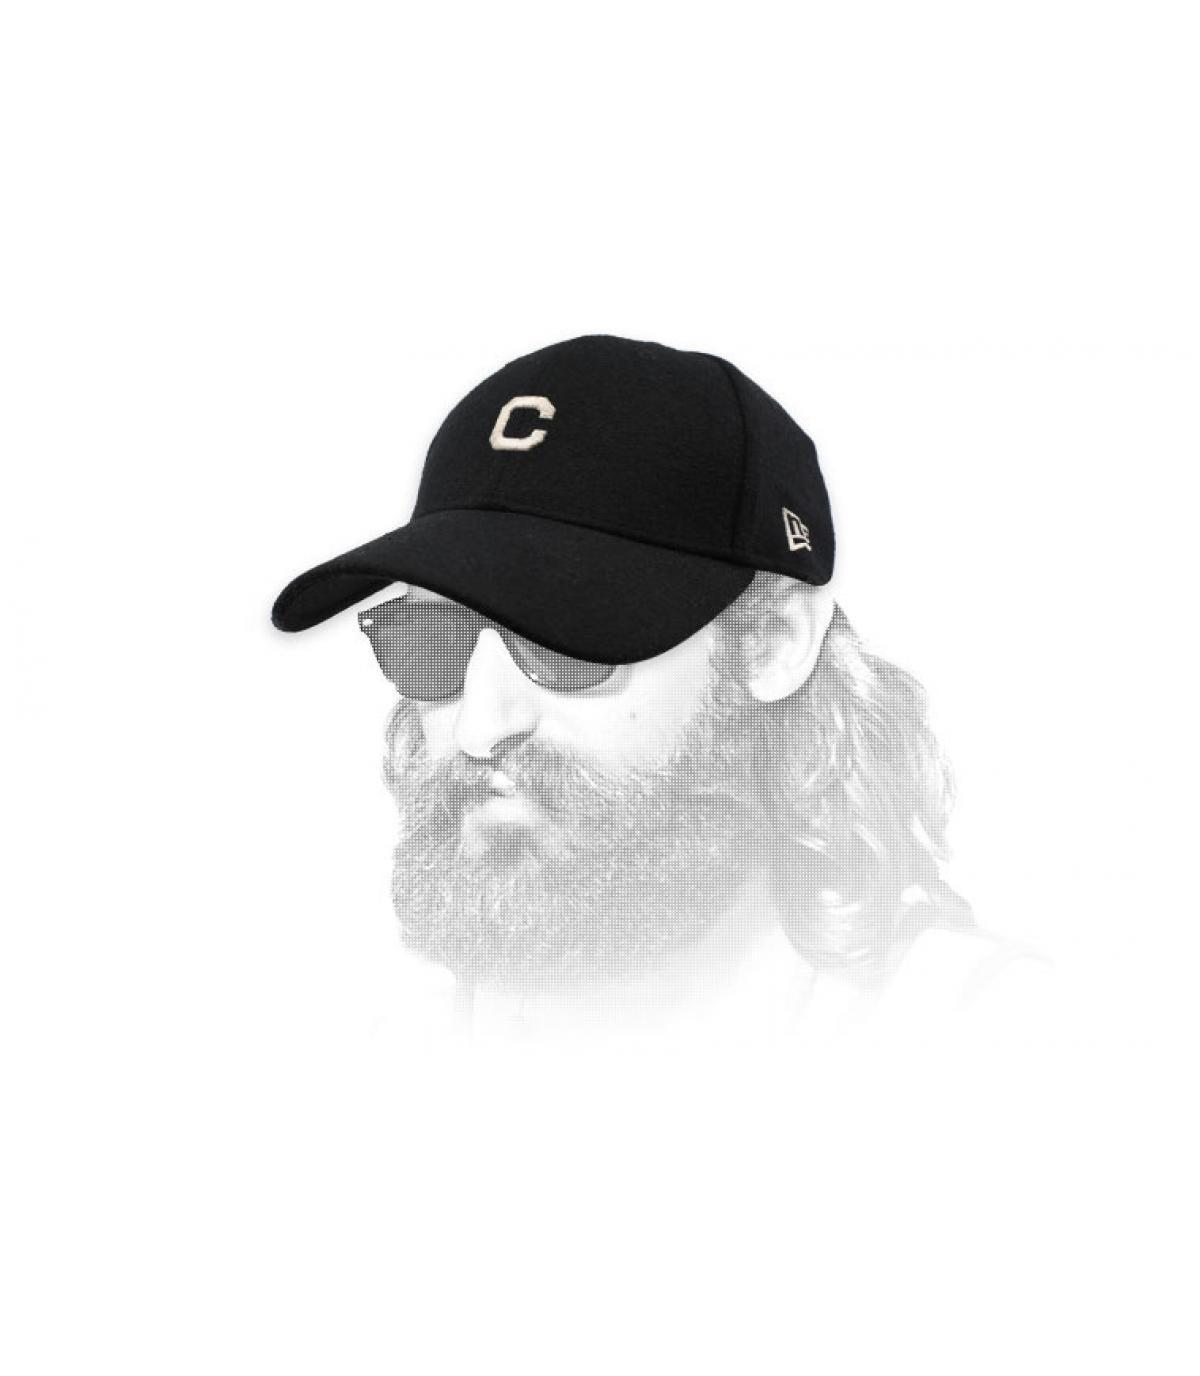 black C cap